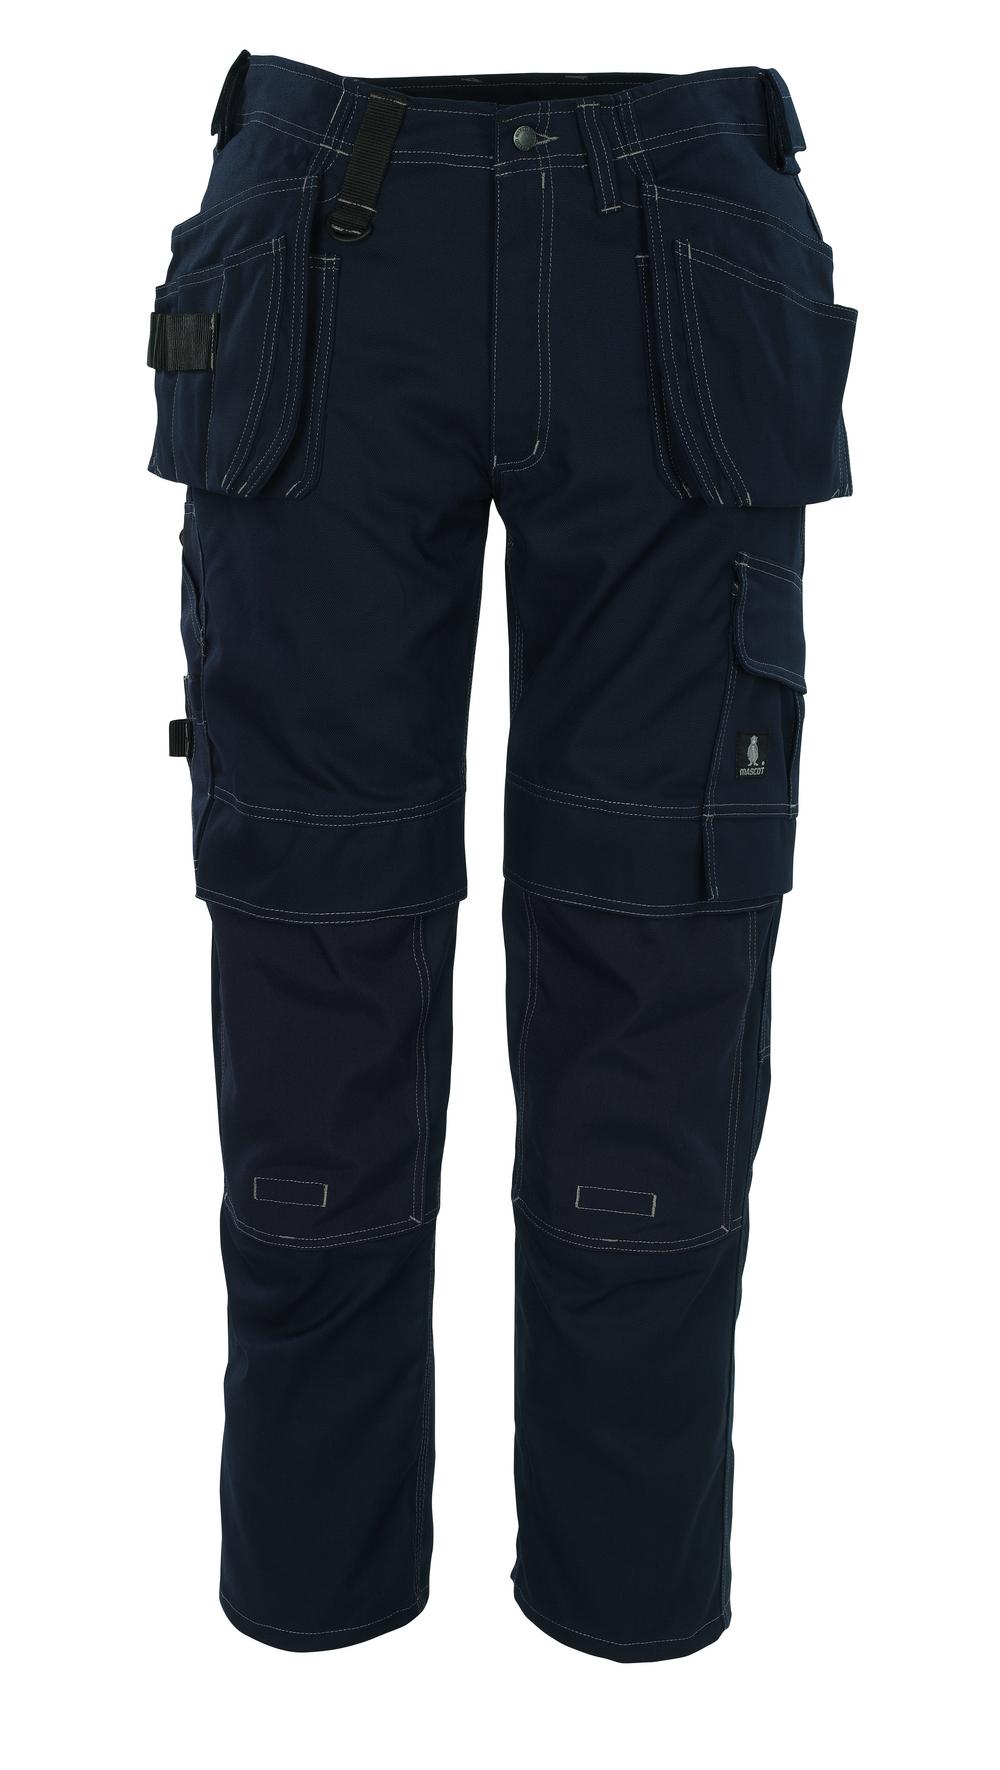 08131-010-01 Pantalones con bolsillos para rodilleras y bolsillos tipo funda - azul marino